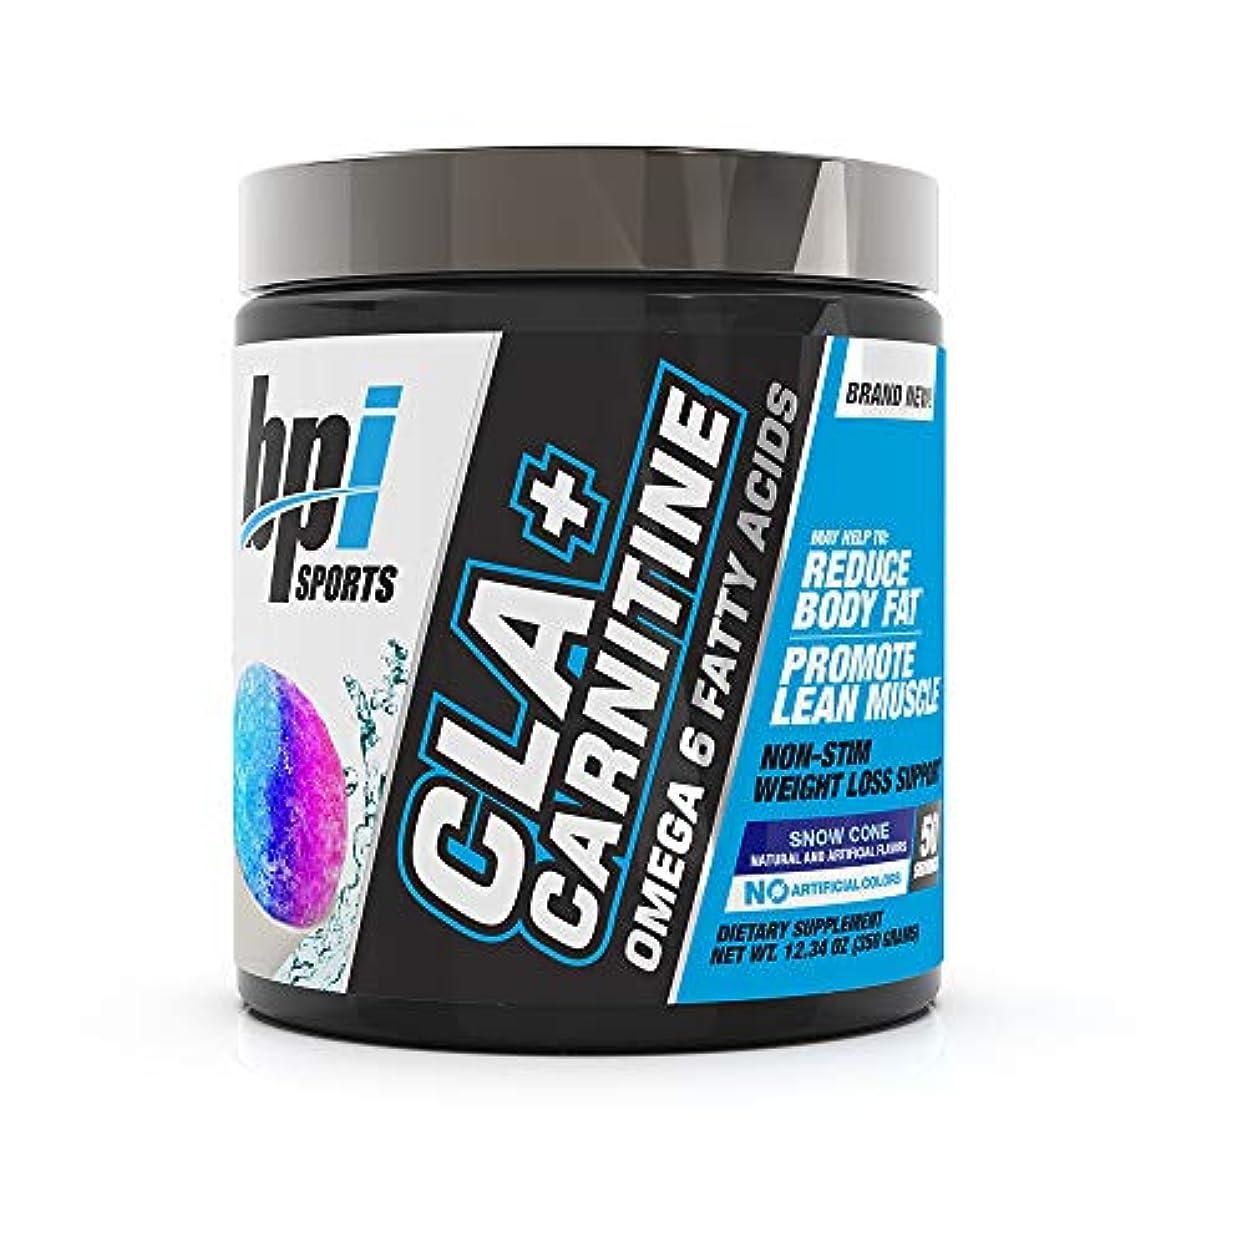 寝てる渇き幻滅CLA + カルニチン オメガ6 脂肪酸 50回分 スノーコーン味 12.34 oz(350g)